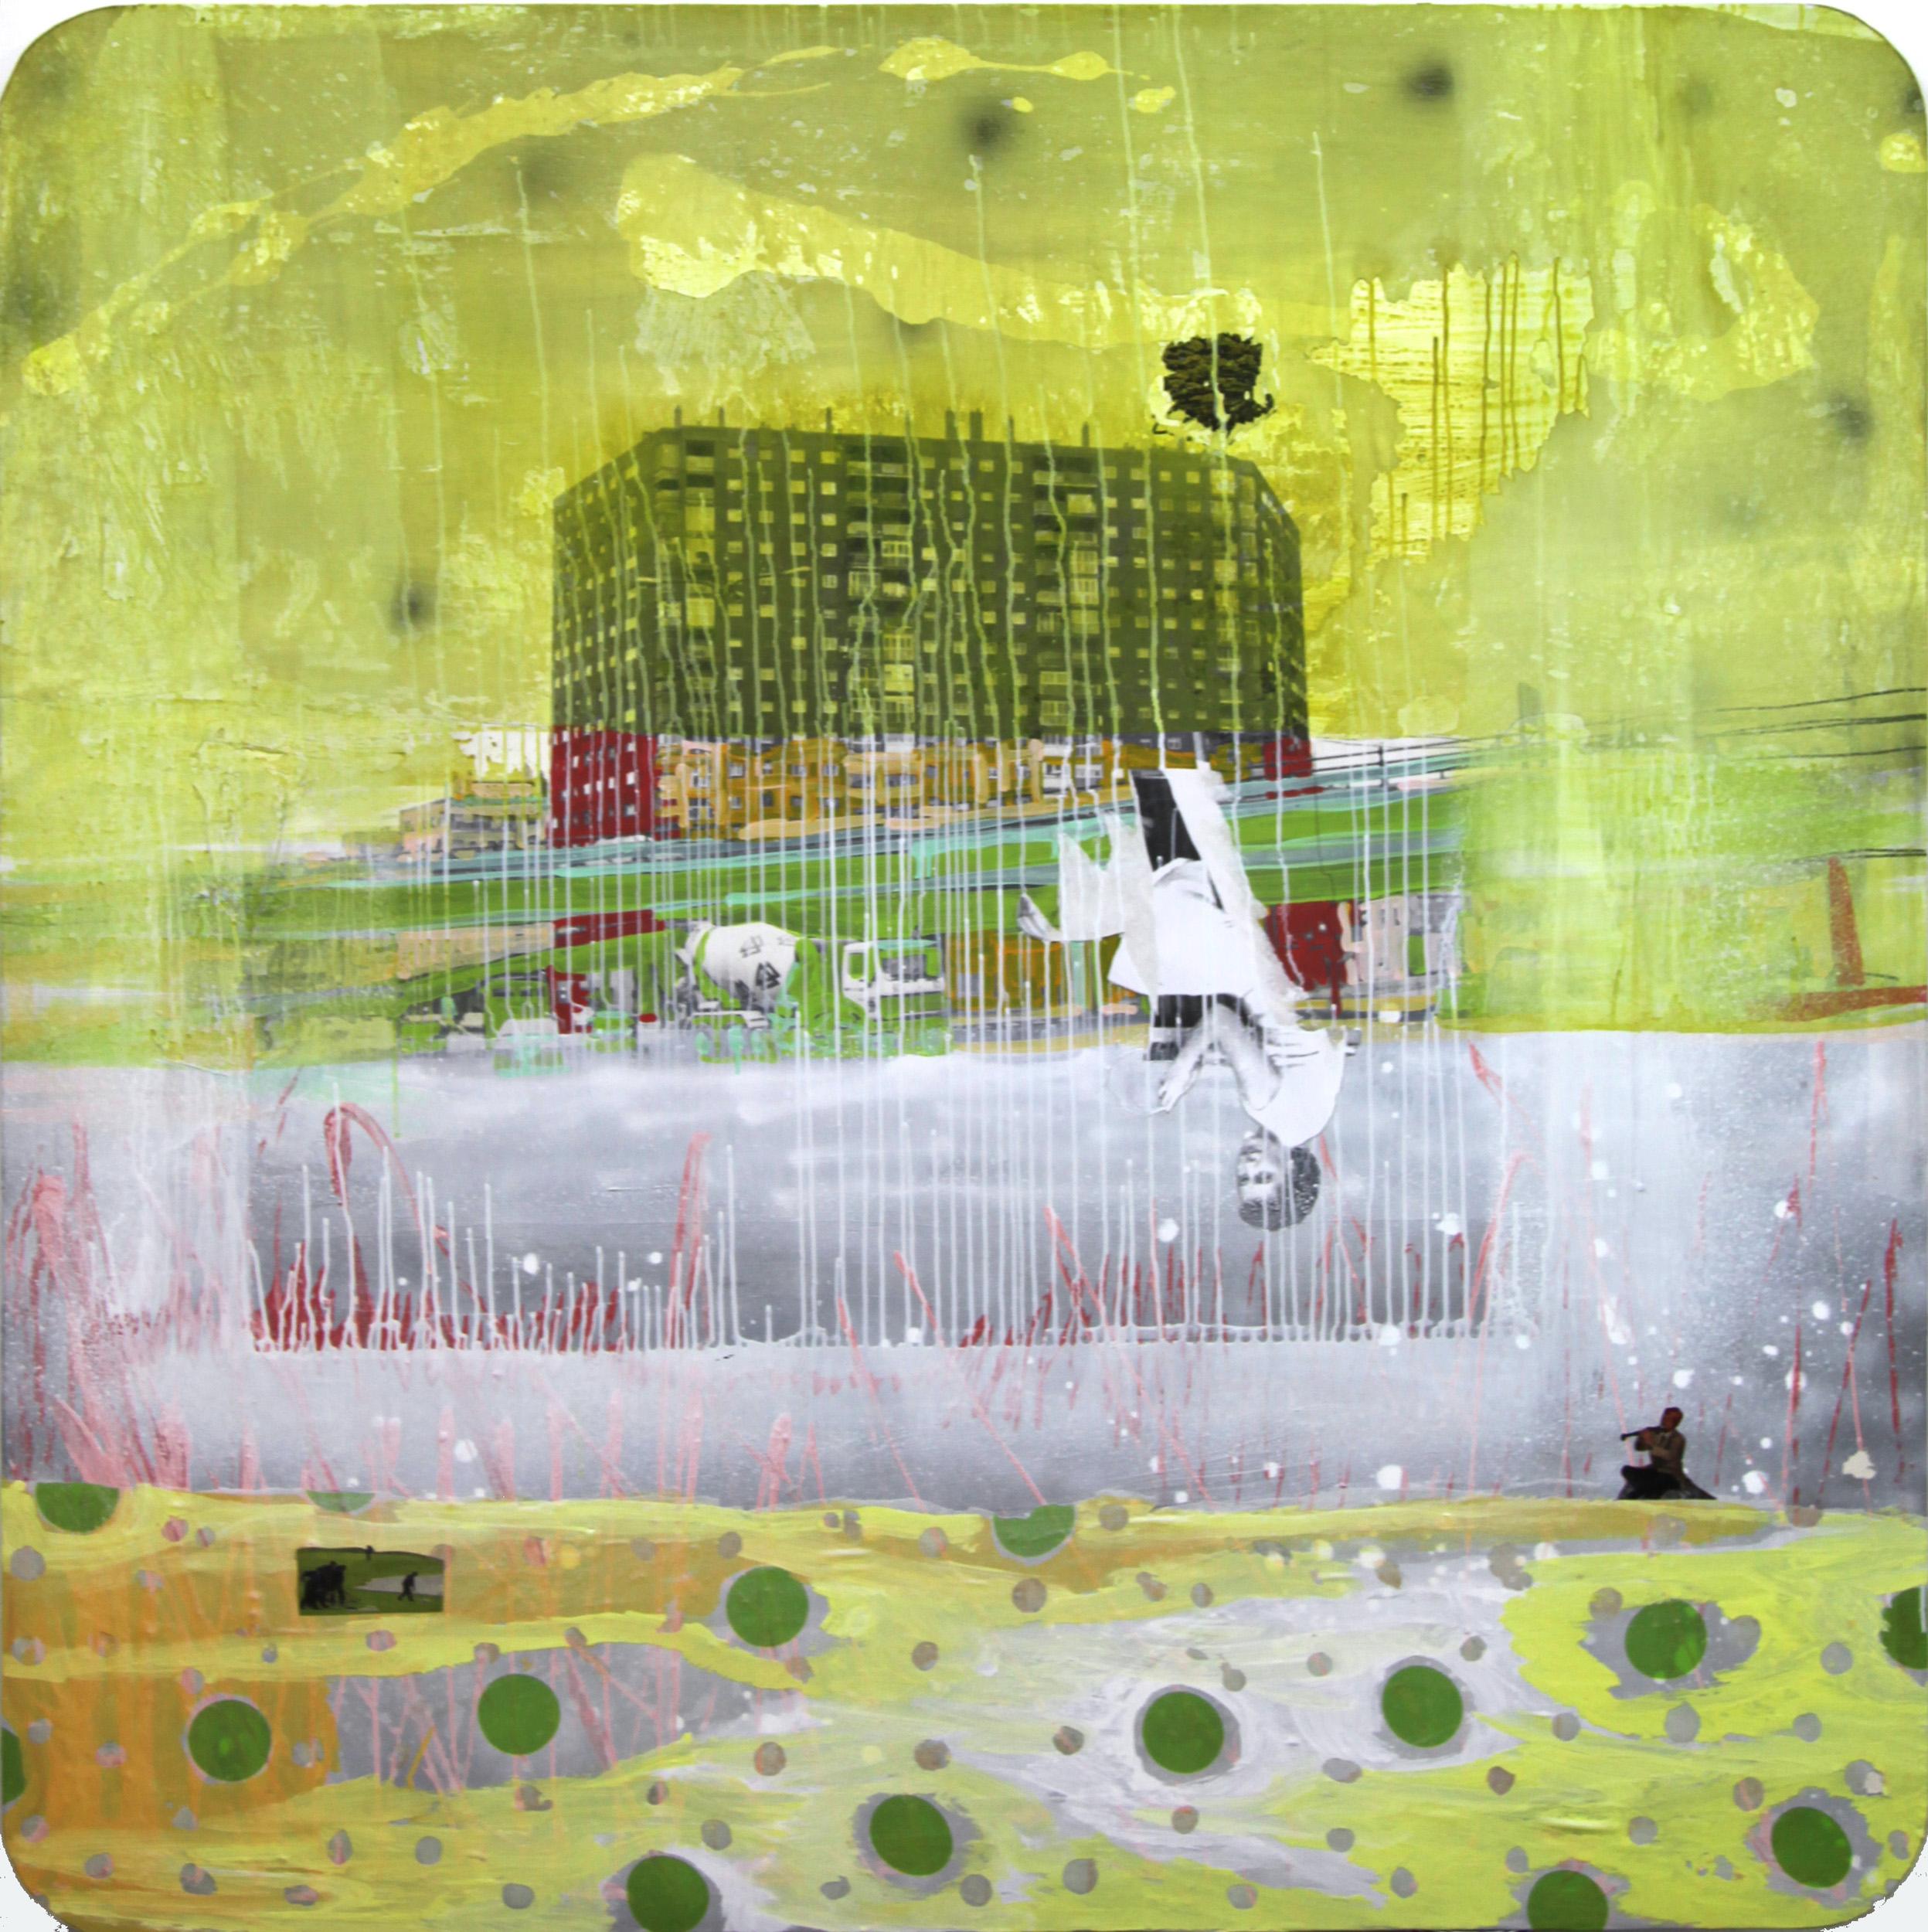 Amarillo sentimental, 2012, técnica mixta sobre lienzo, 150 x 150 cm.